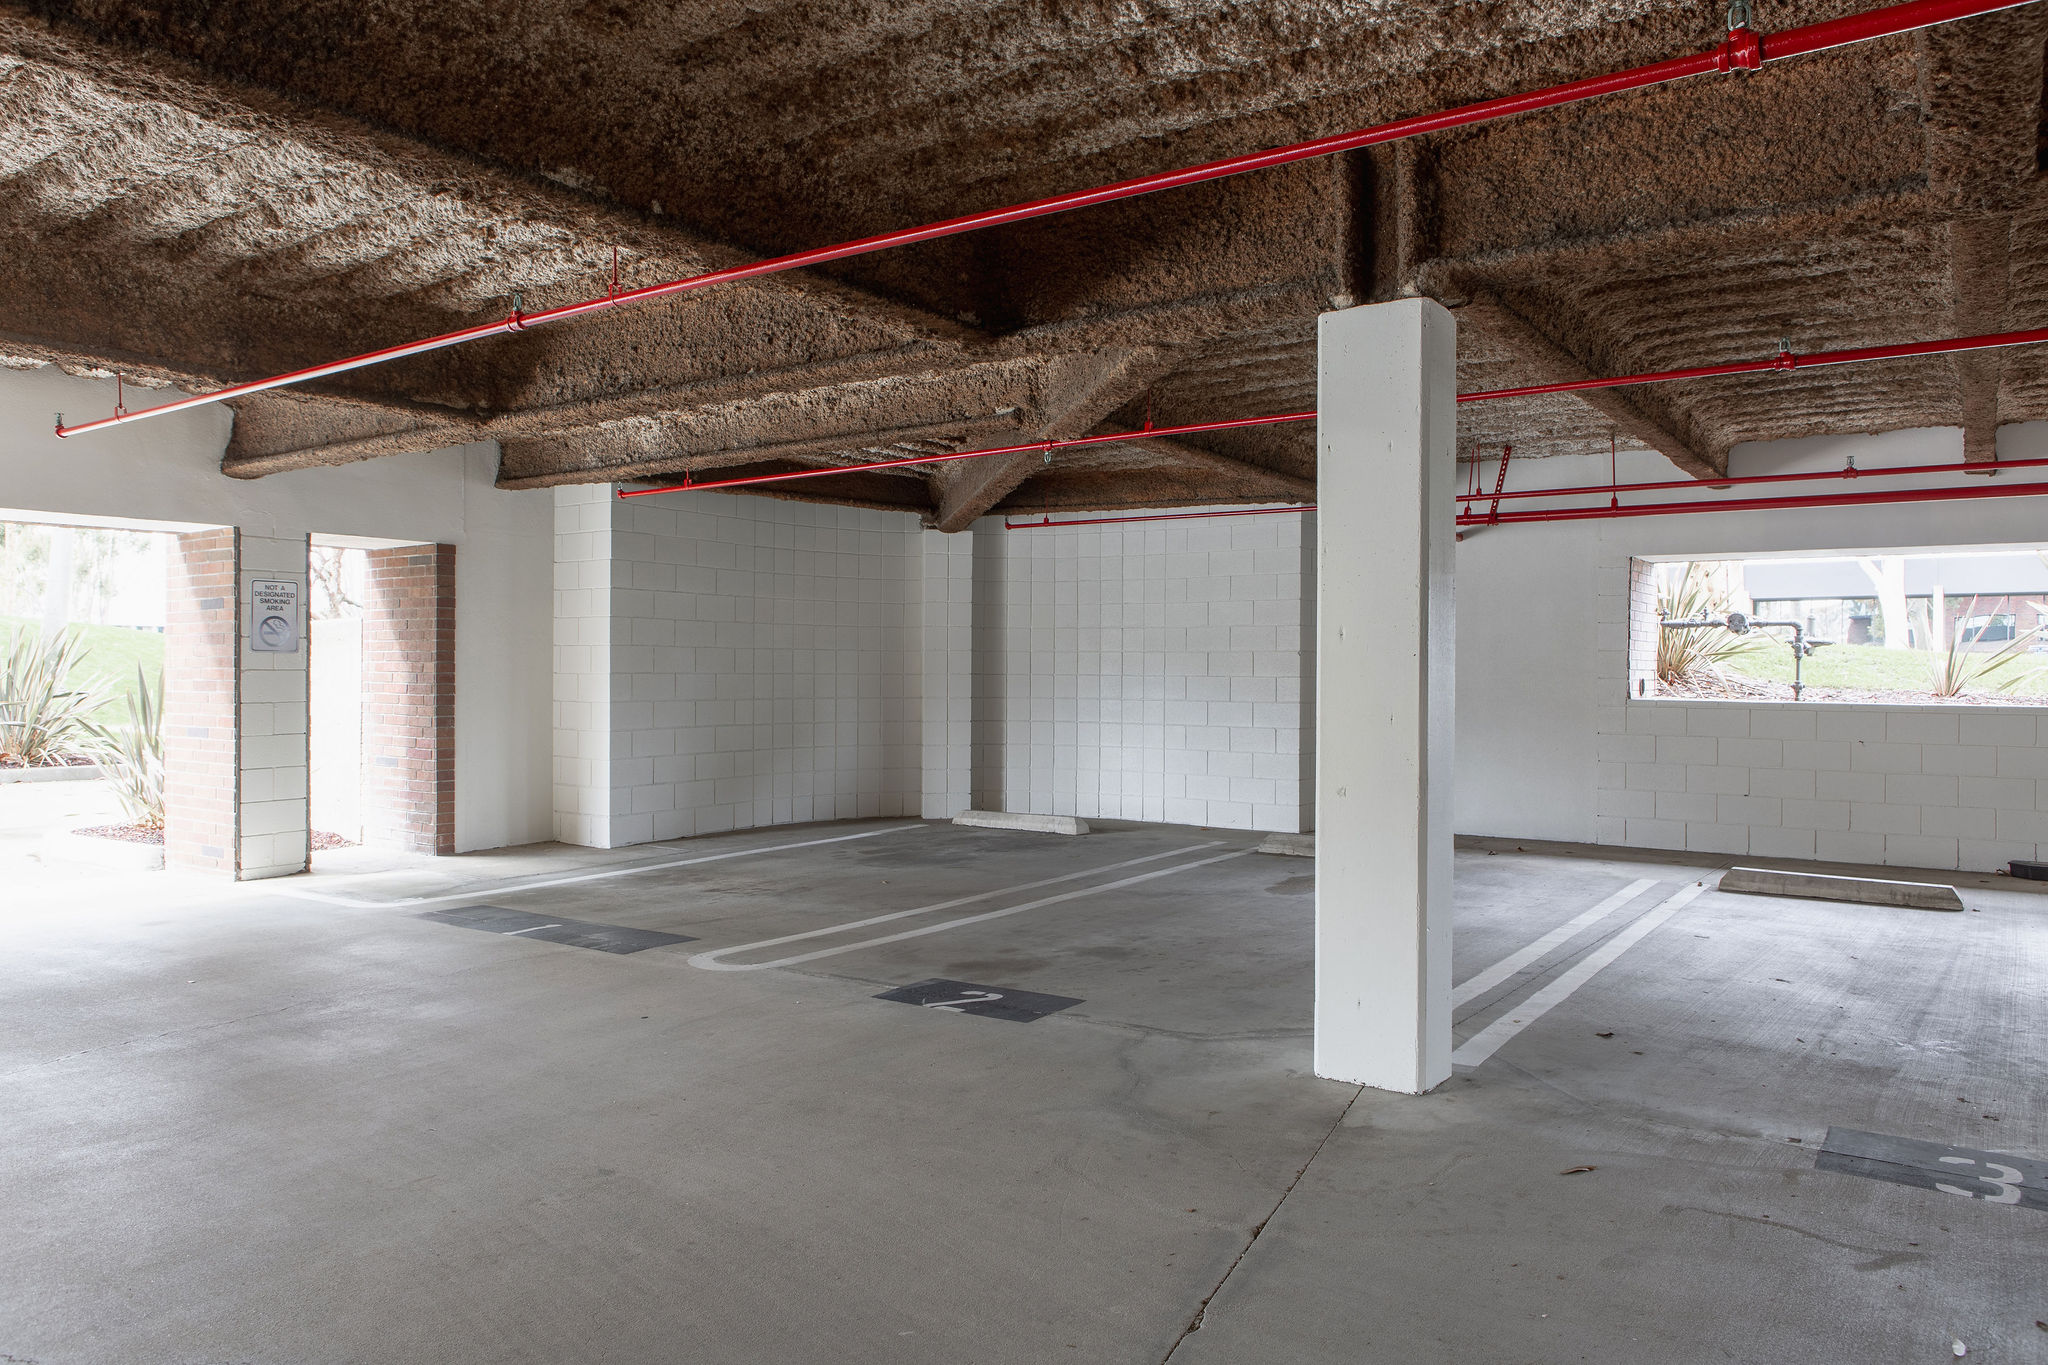 17300_redhill_after_parking_garage_entrance